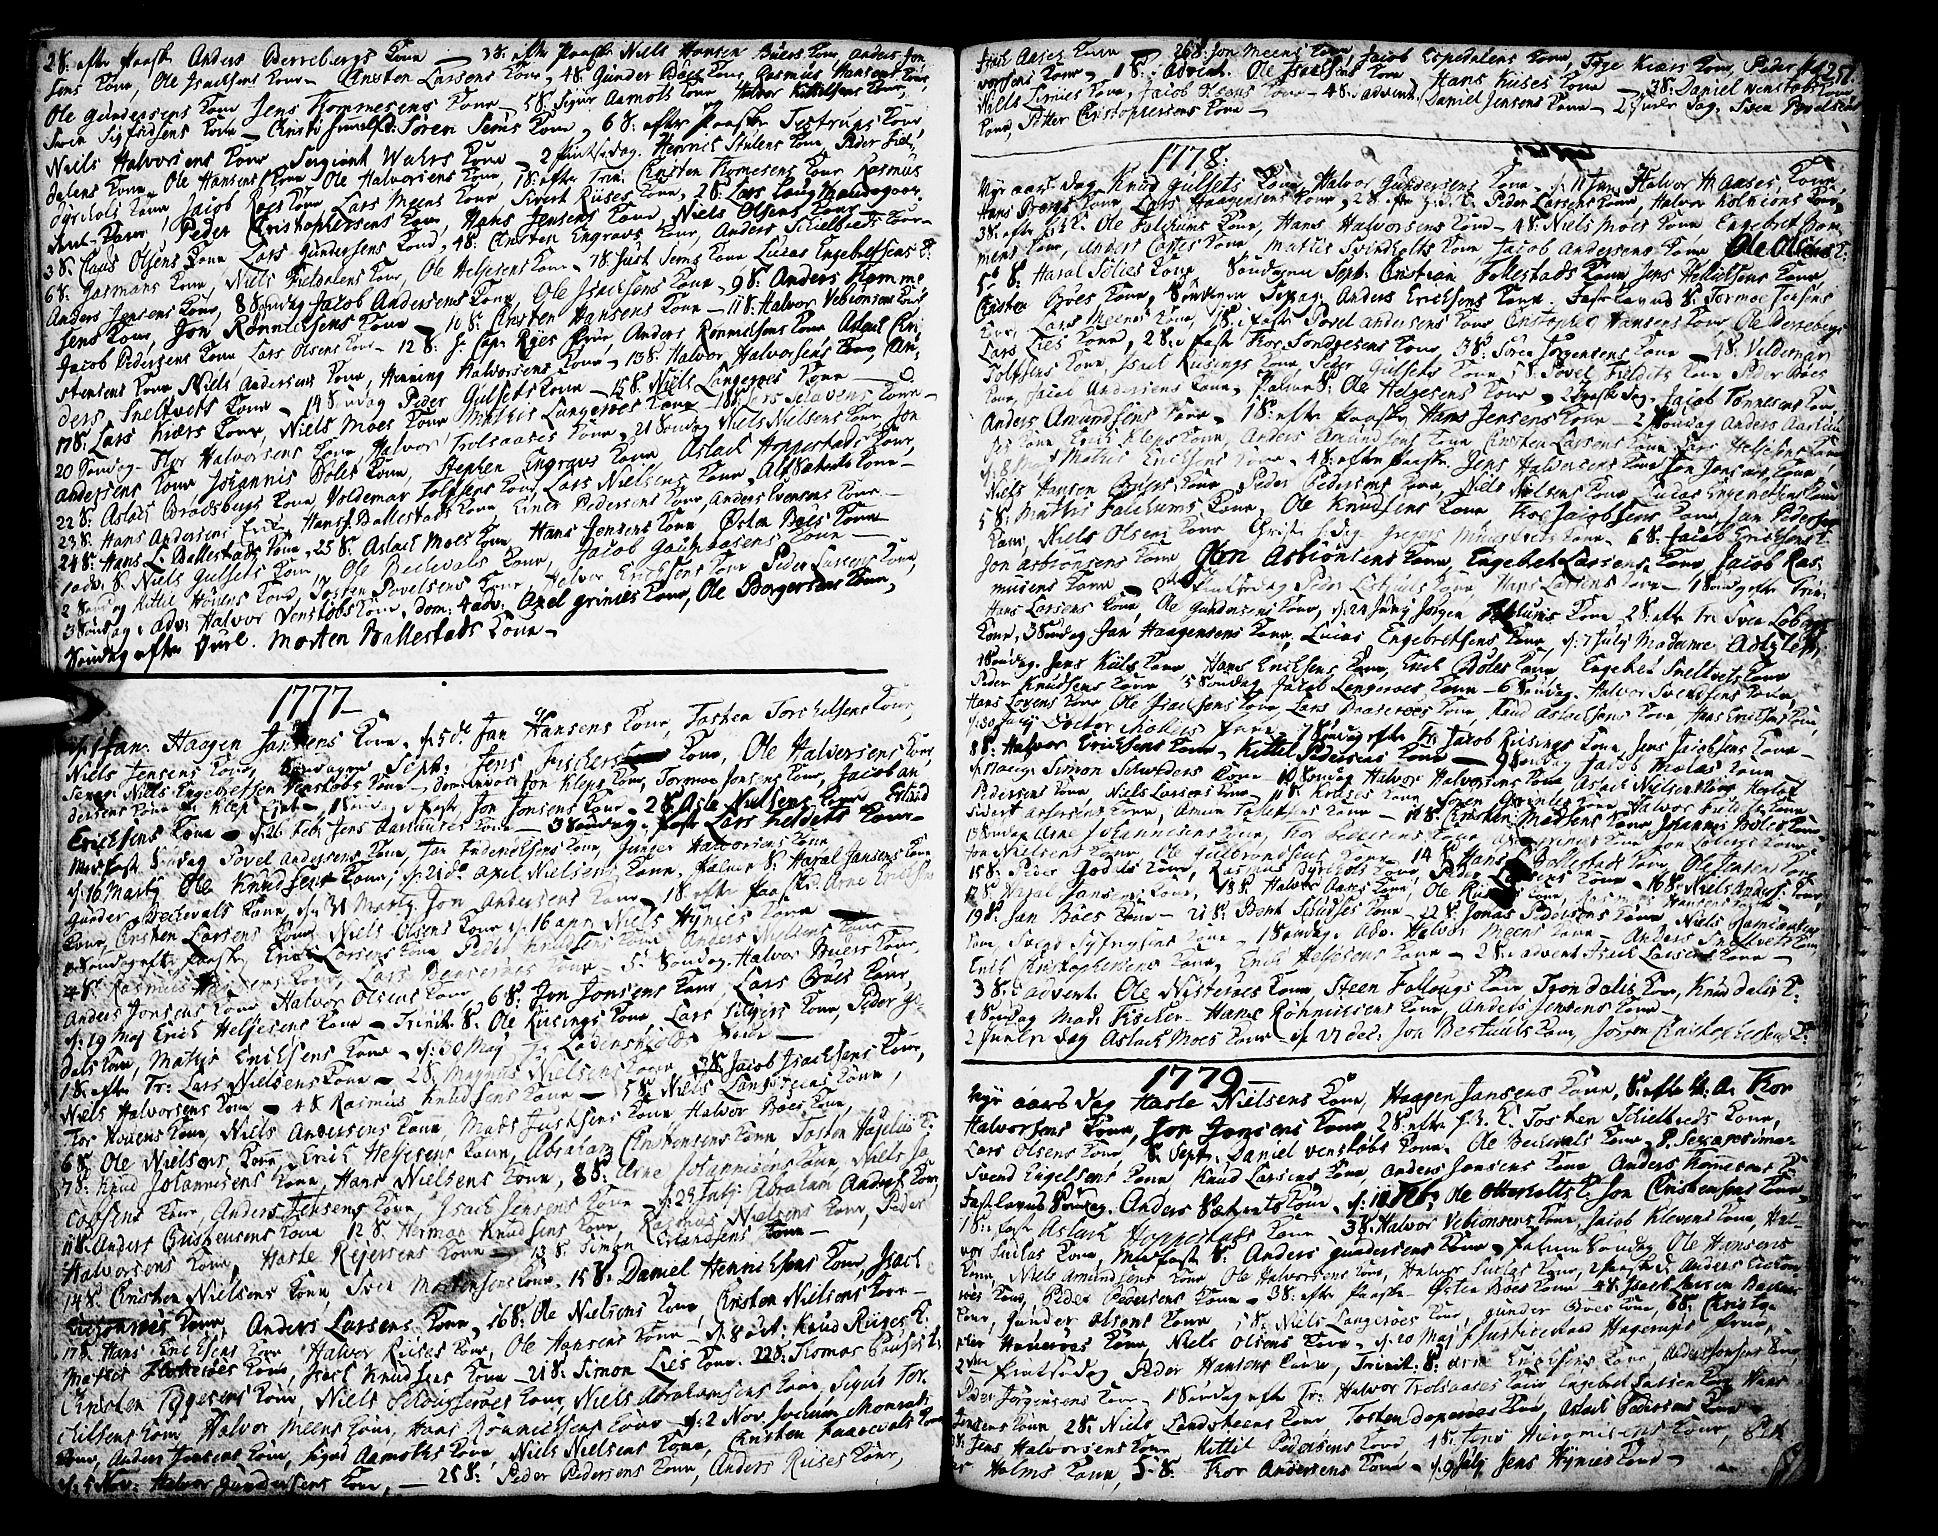 SAKO, Gjerpen kirkebøker, F/Fa/L0002: Ministerialbok nr. 2, 1747-1795, s. 257